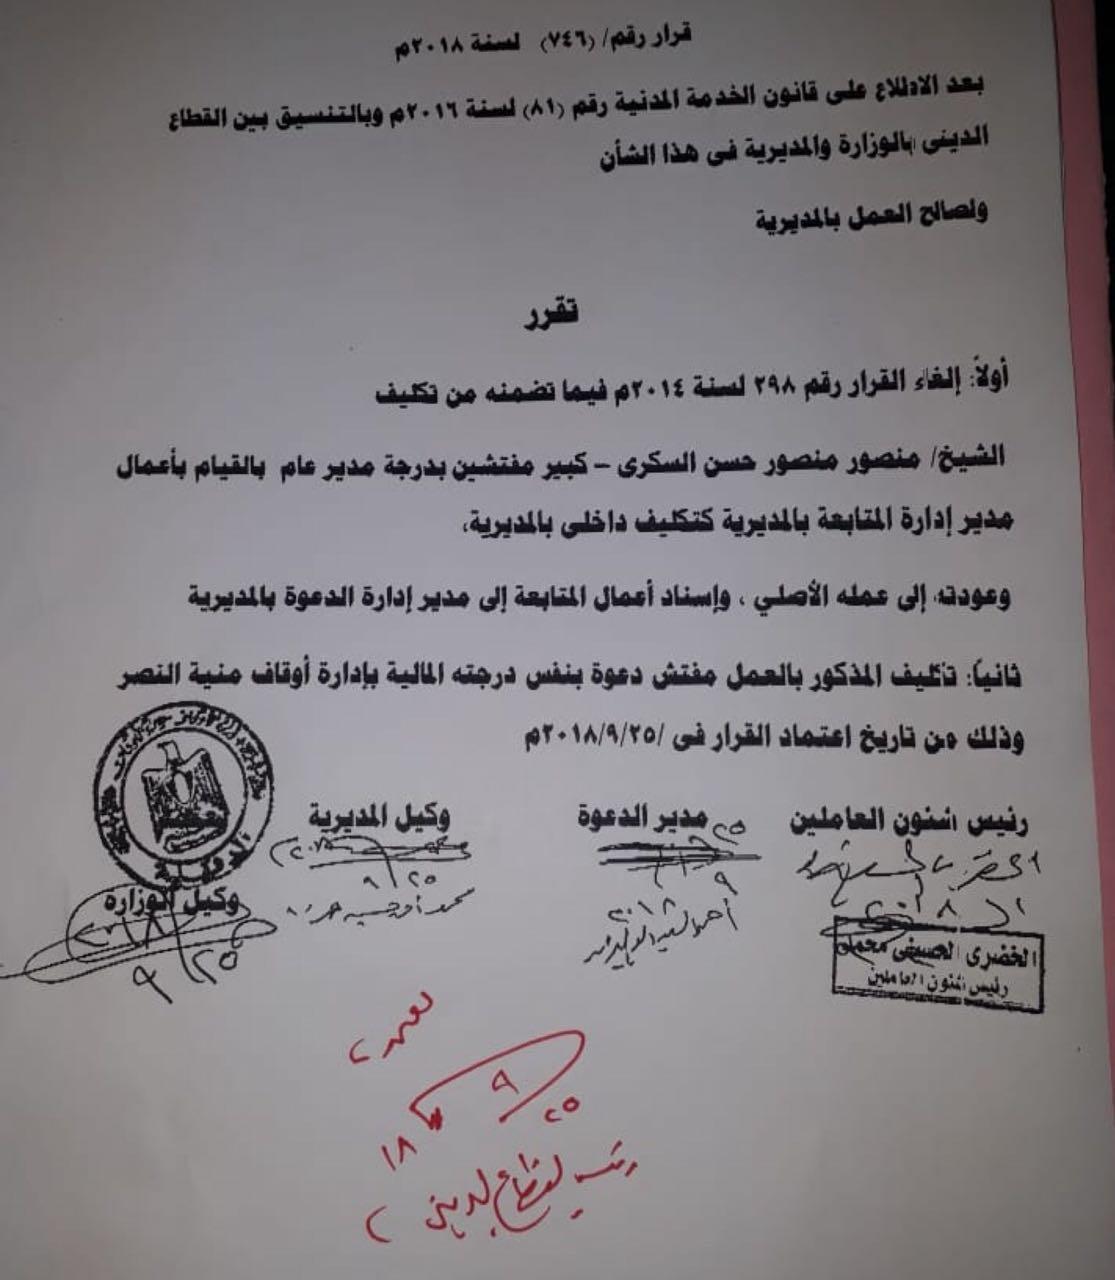 الاوقاف تعفى مدير المتابعة بالدقهلية من عمله